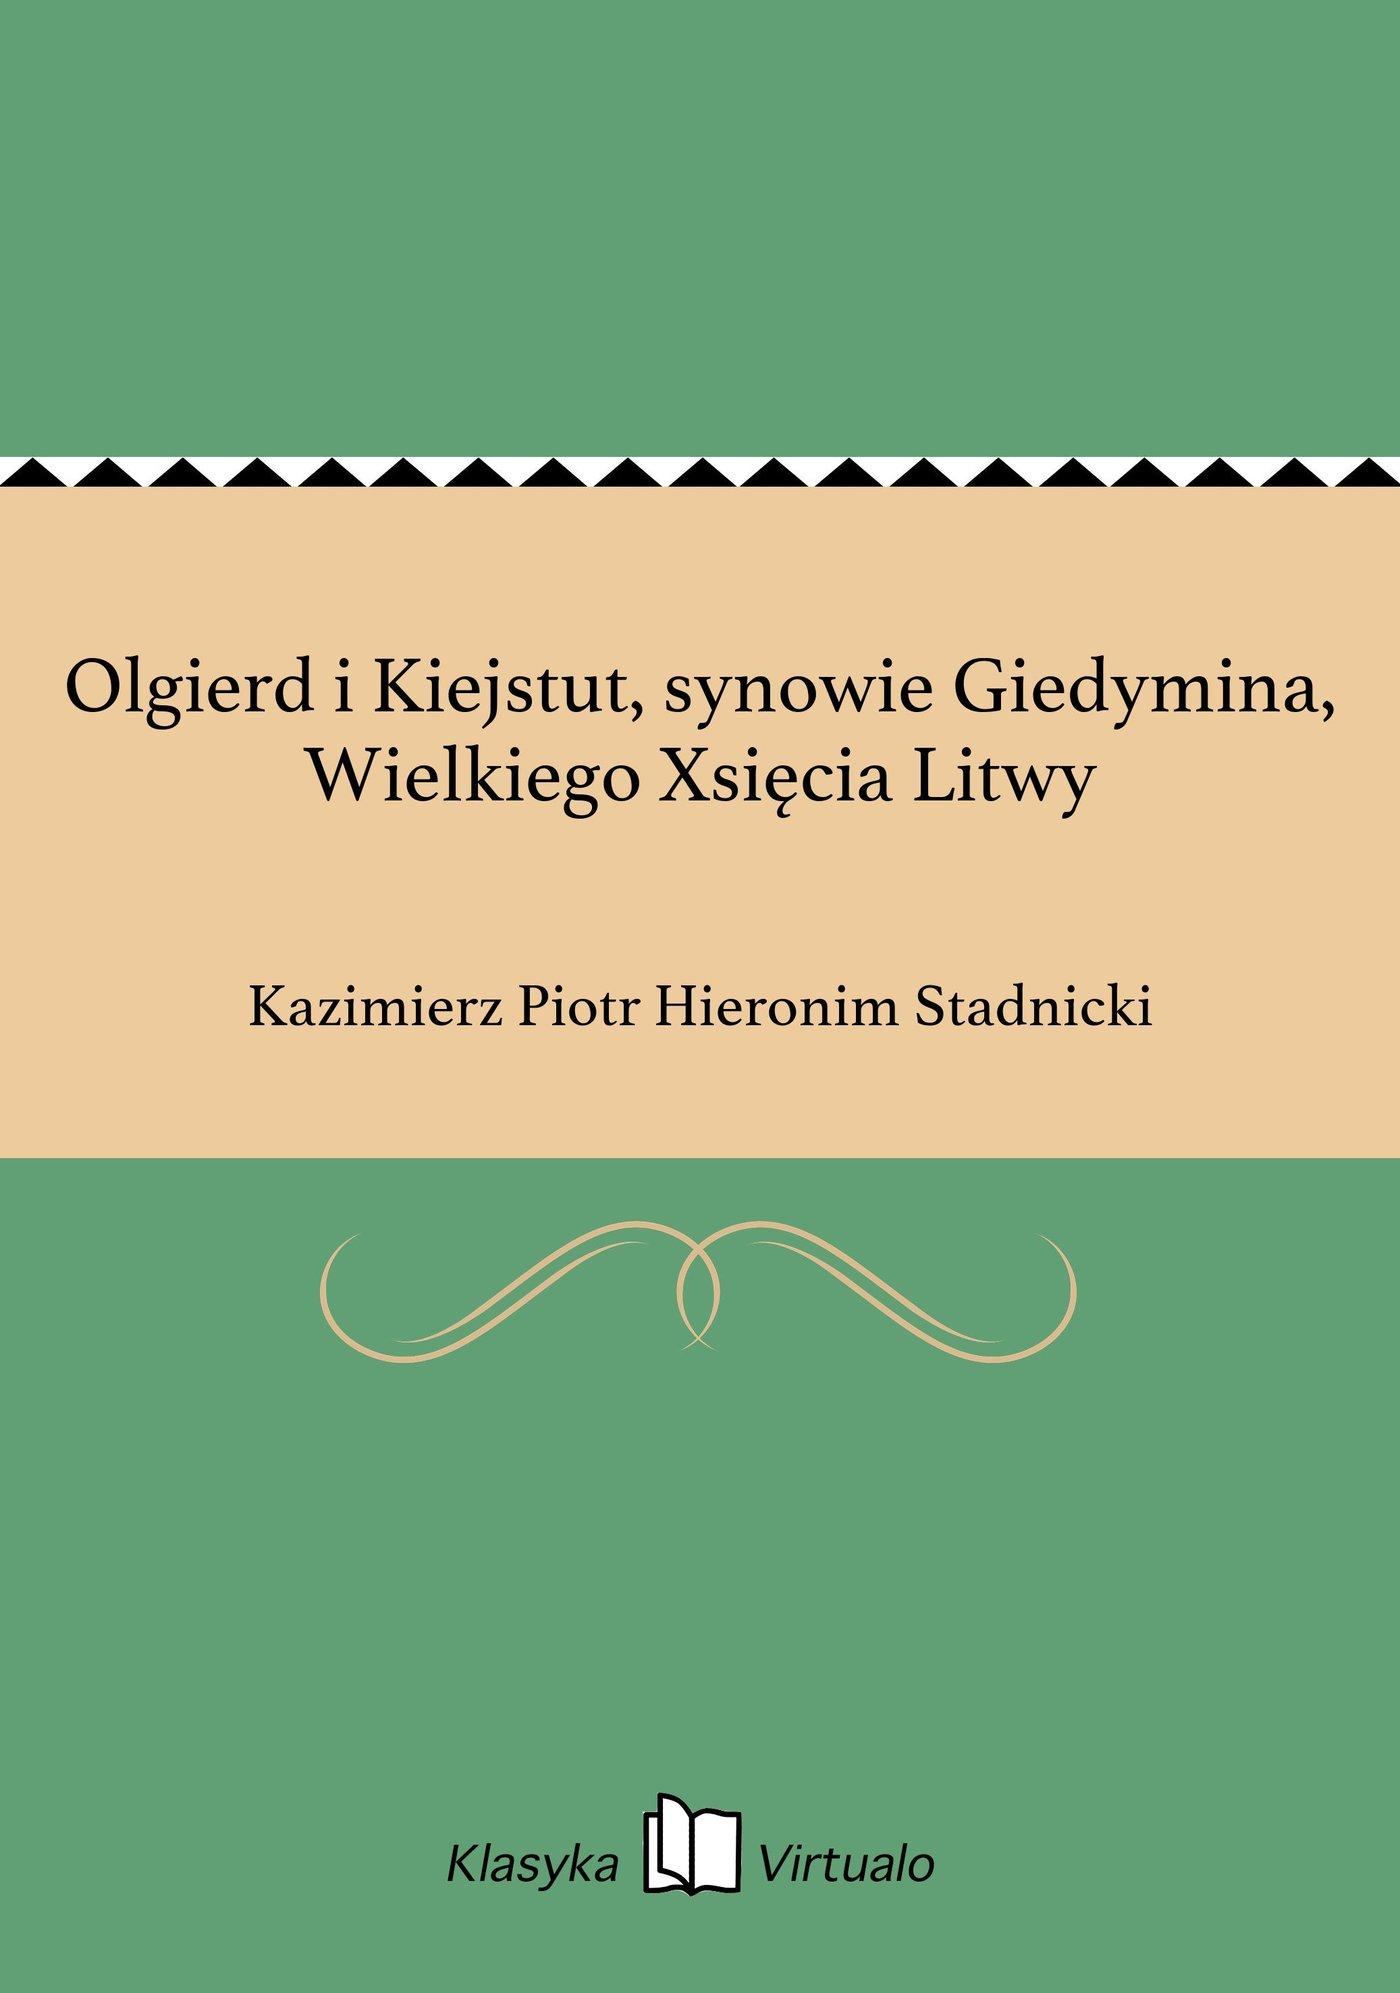 Olgierd i Kiejstut, synowie Giedymina, Wielkiego Xsięcia Litwy - Ebook (Książka EPUB) do pobrania w formacie EPUB